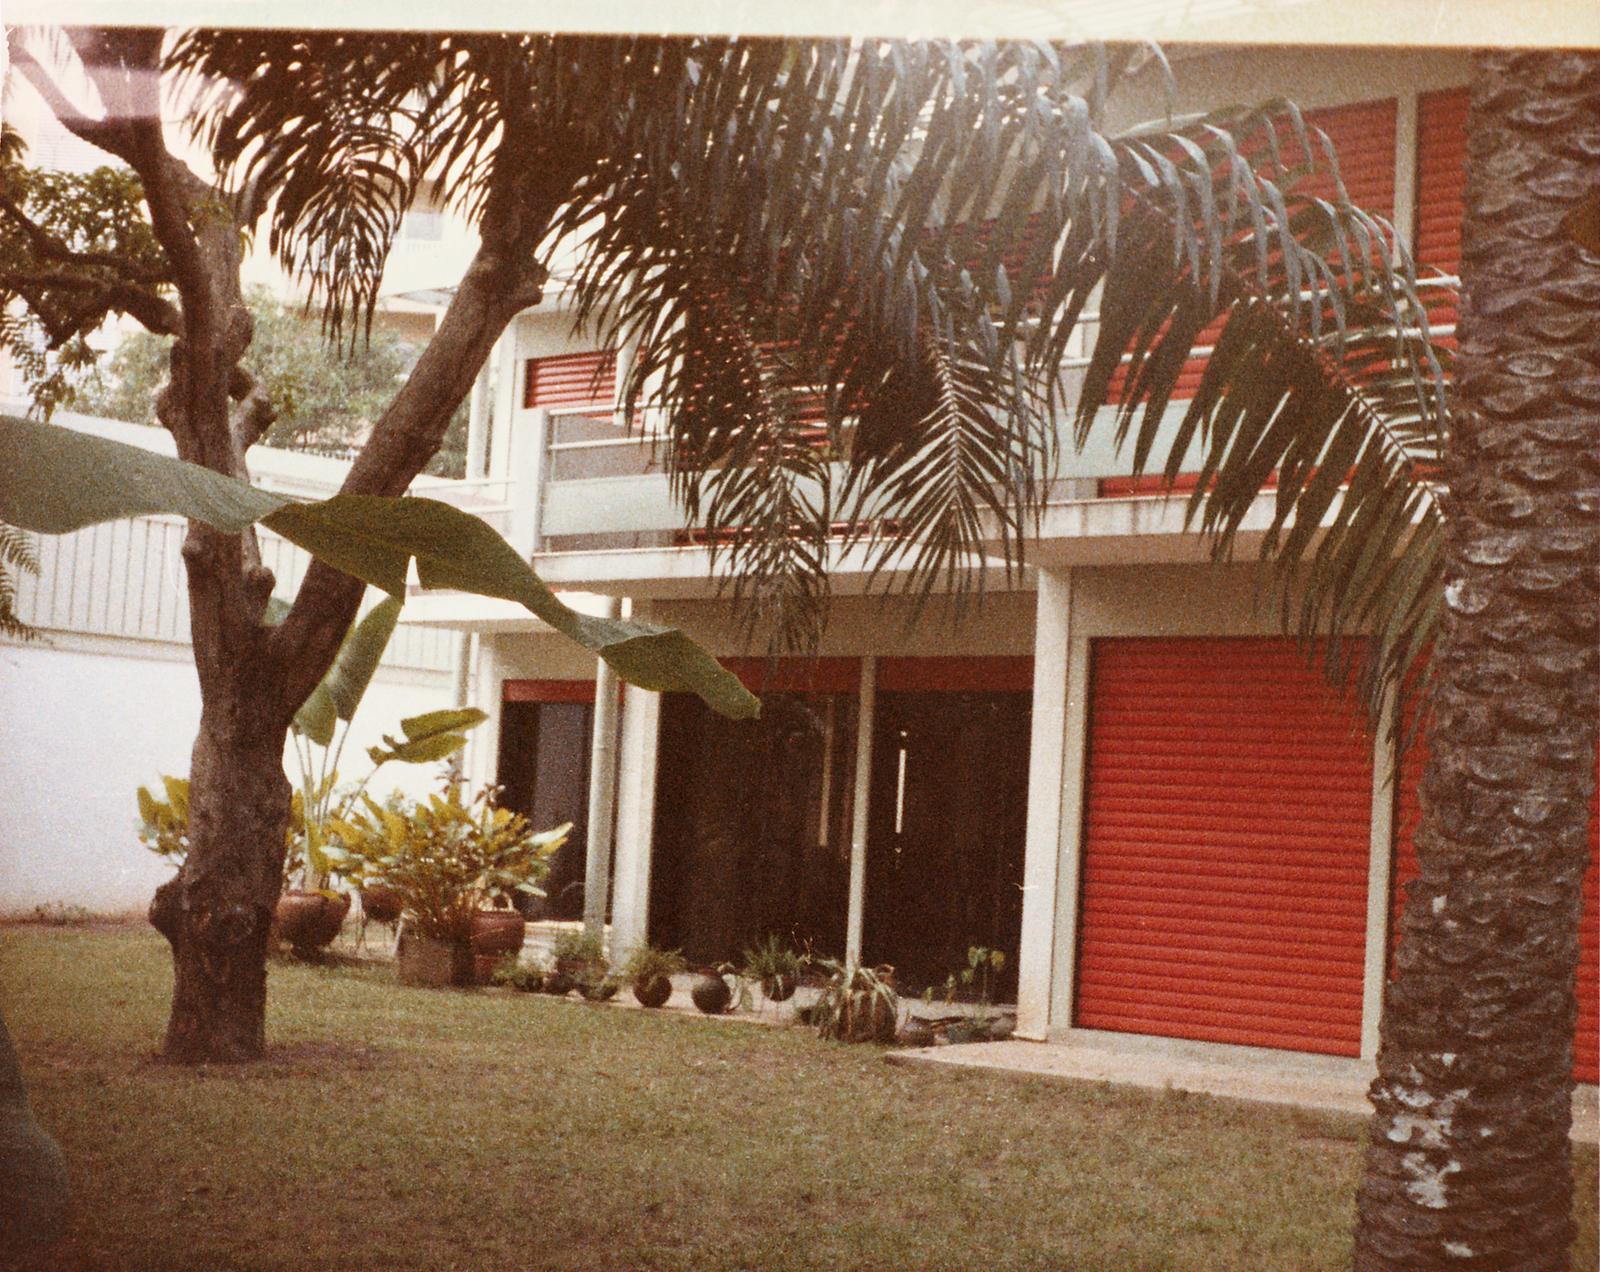 Lagos - Multi-Unit Residential Building - 1991